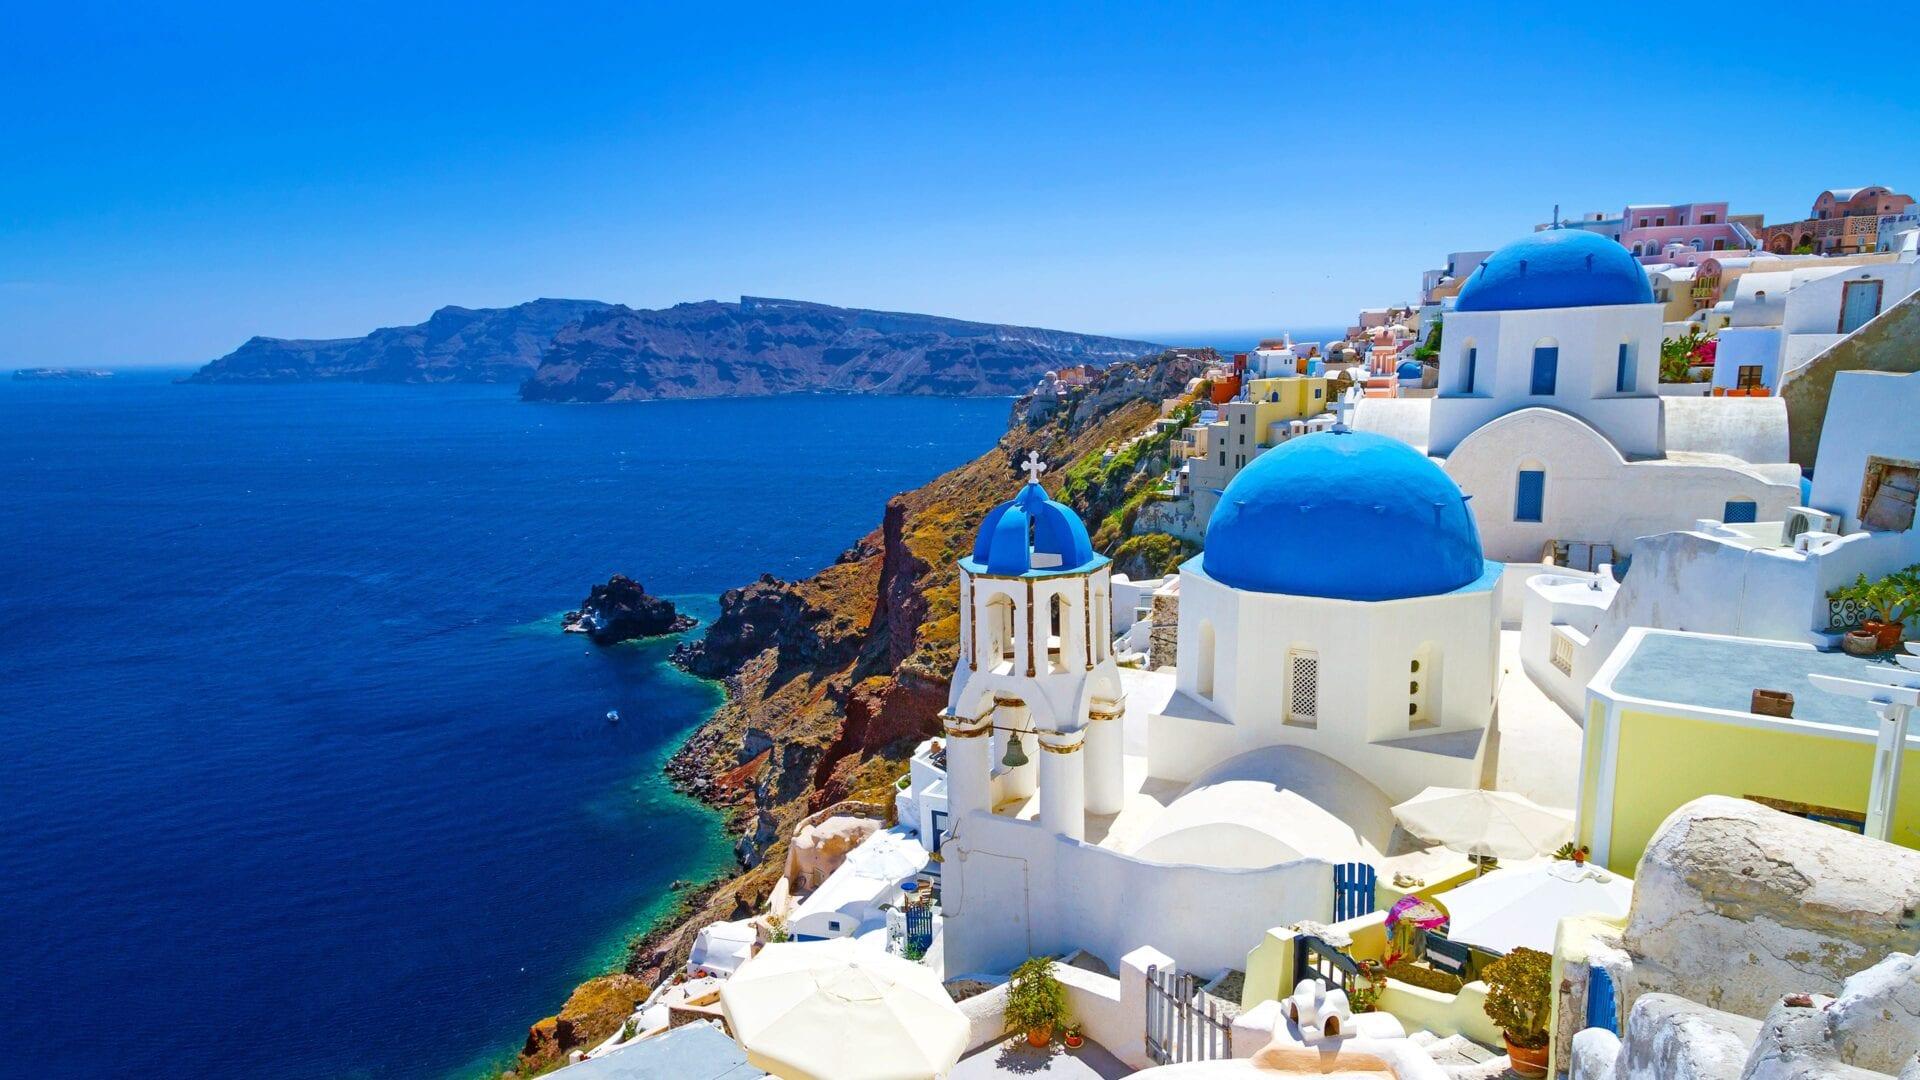 Δίκτυο Ελληνισμού | Μία προσπάθεια συνένωσης και συστράτευσης του Ελληνισμού